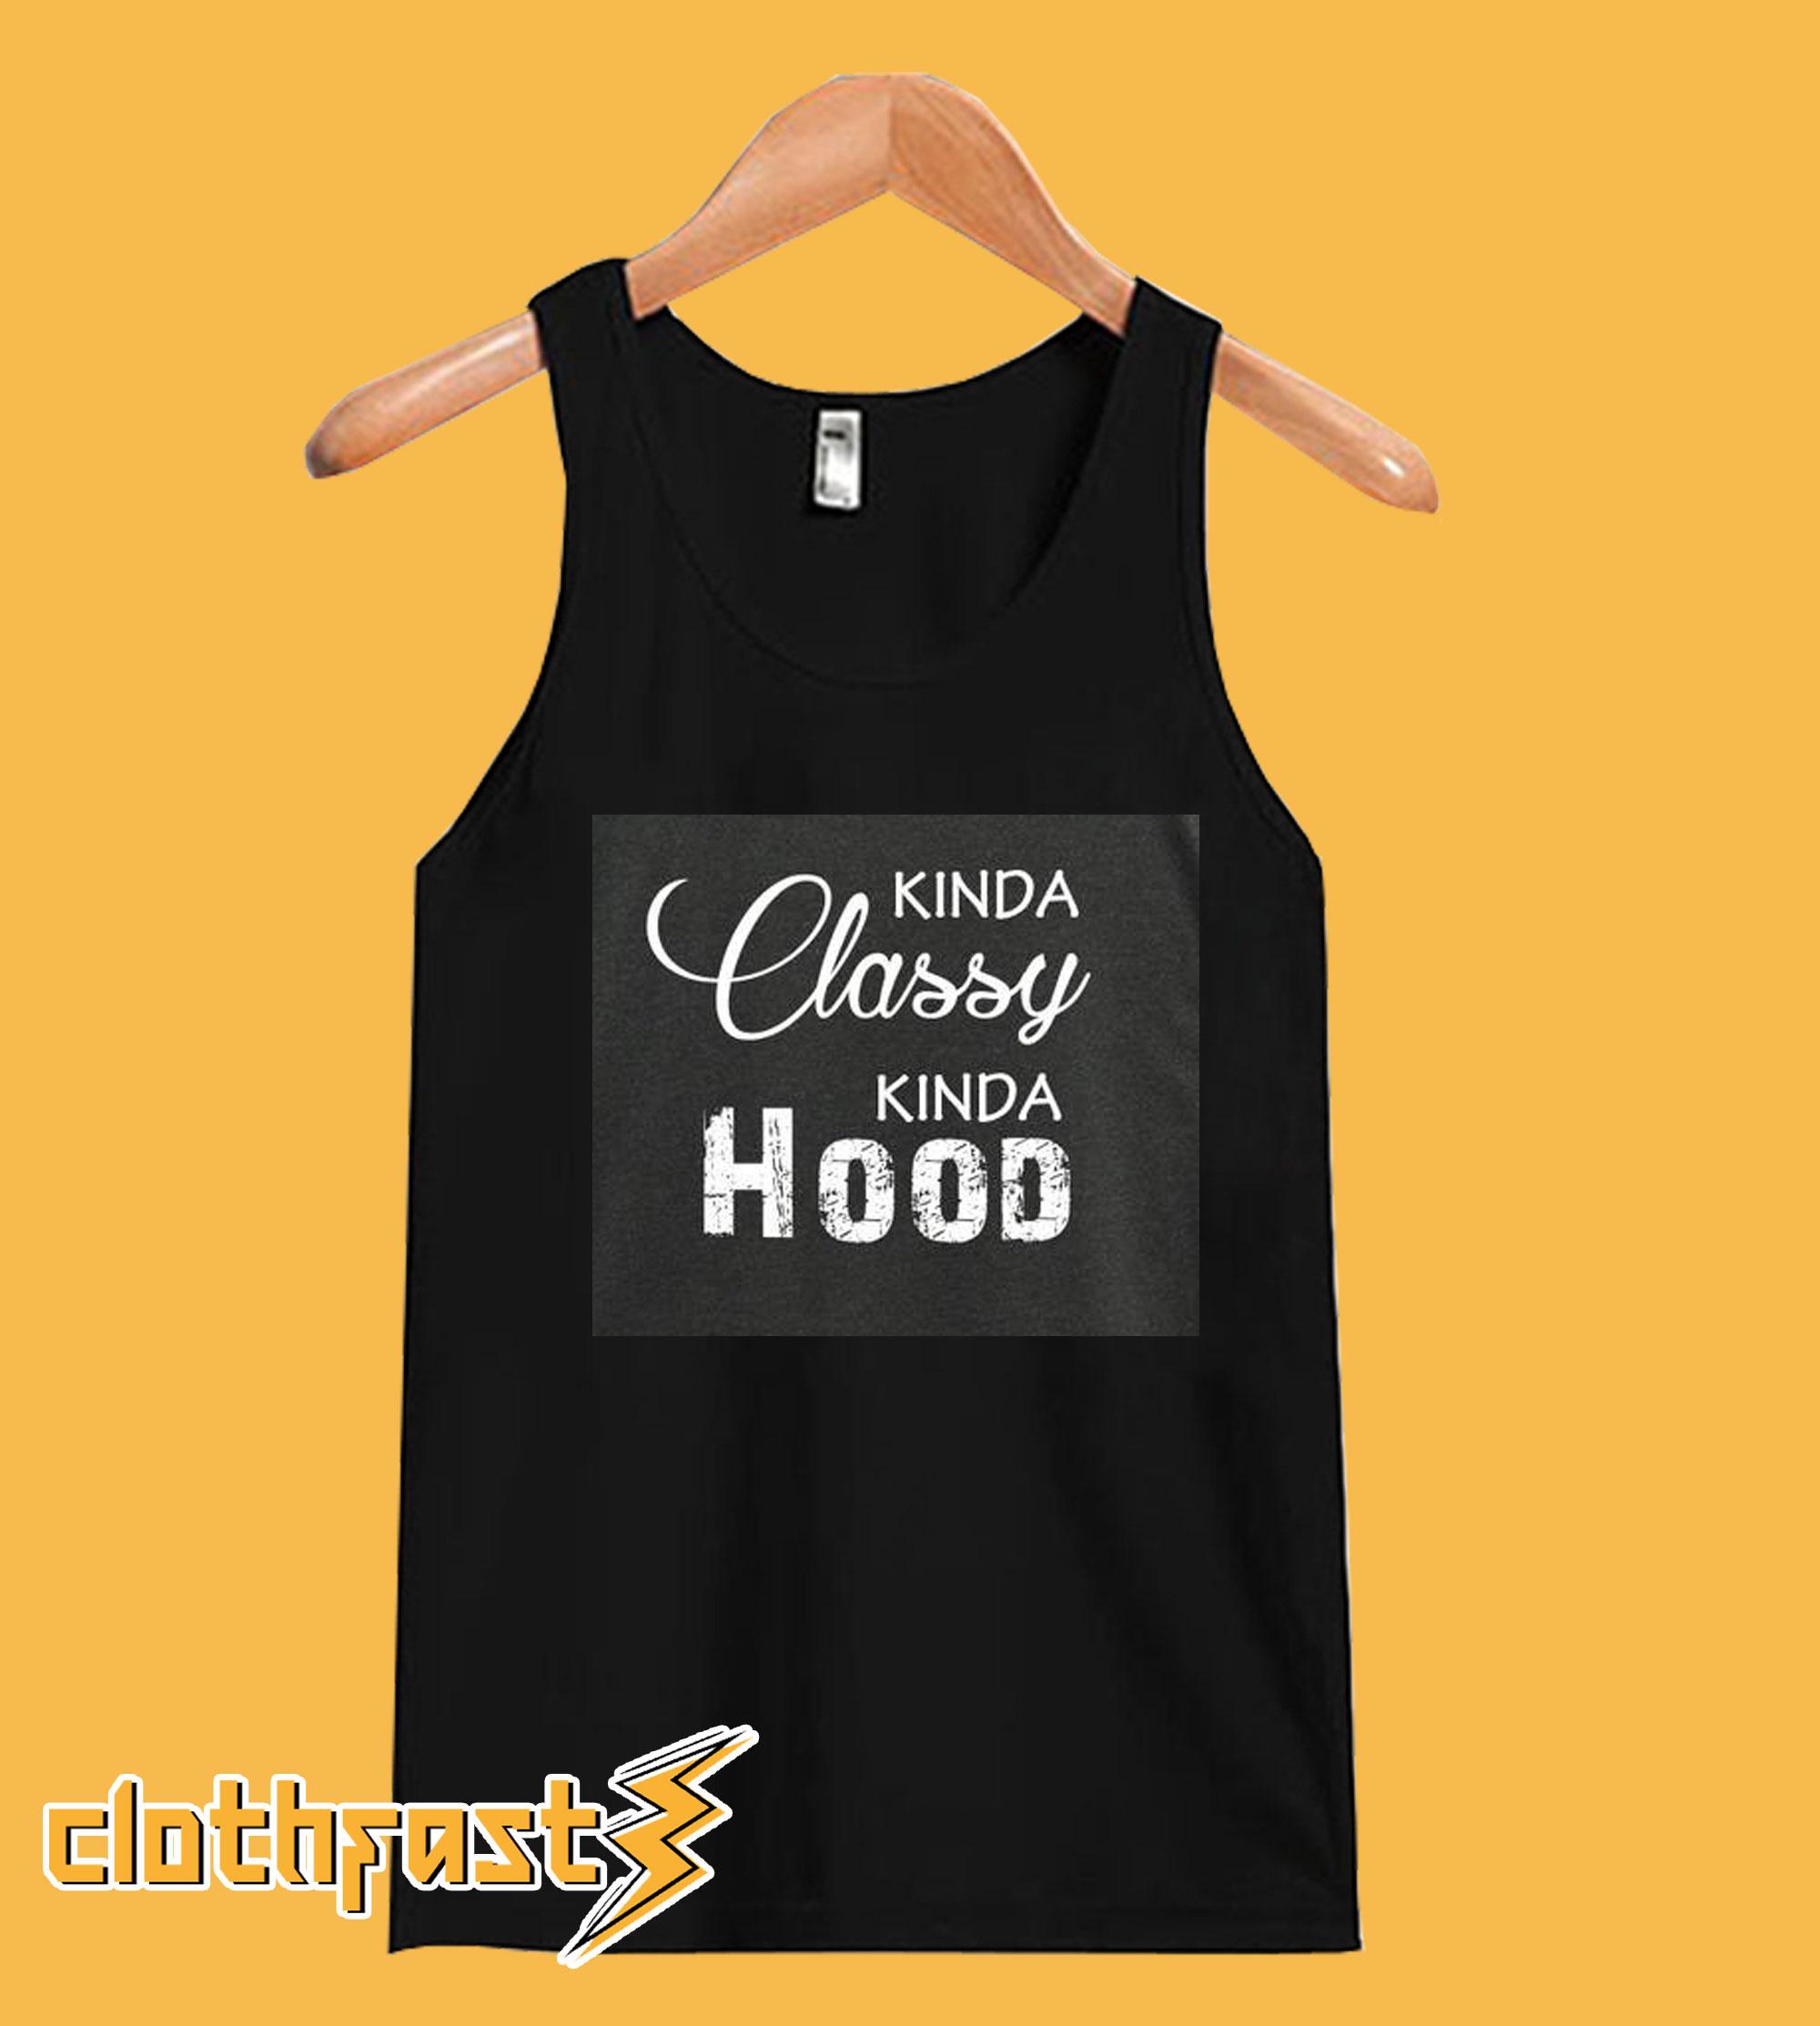 Kinda Classy Kinda Hood Tank Top